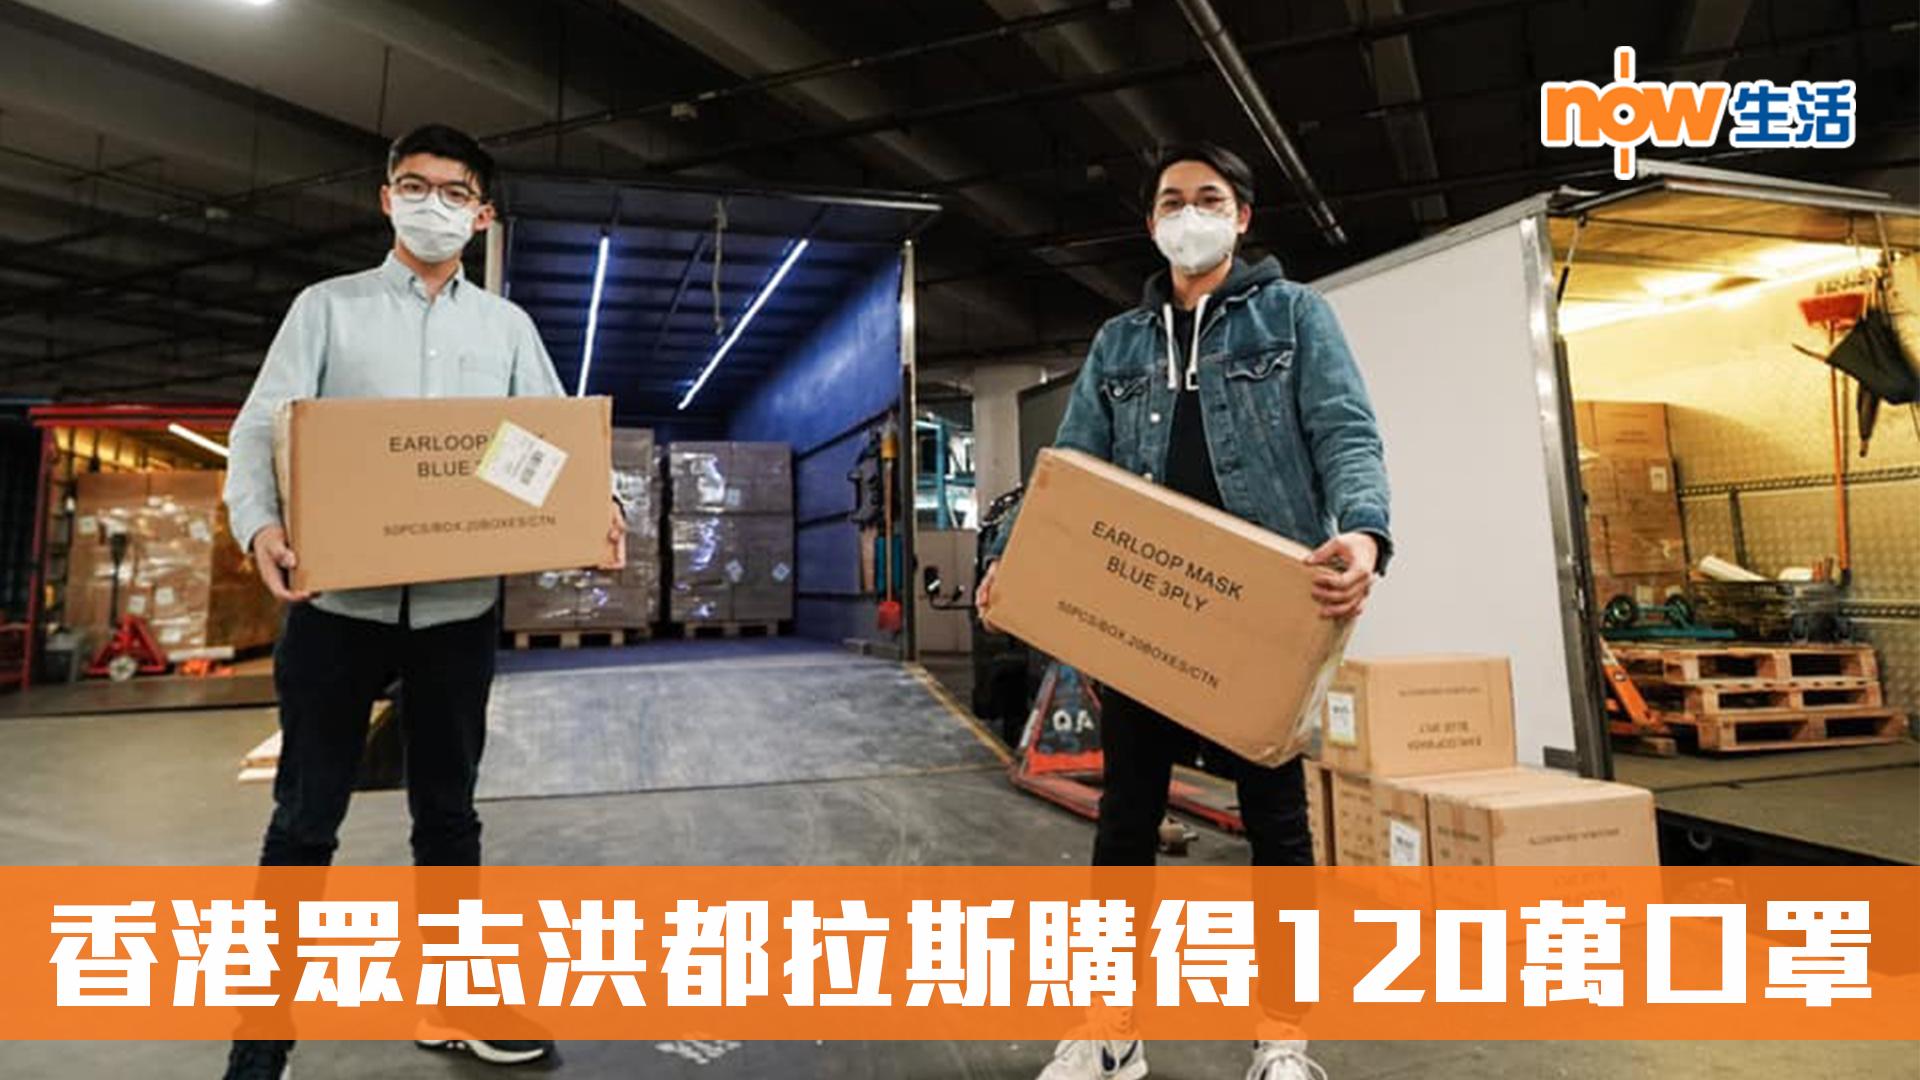 【民間自救】民主派集資 香港眾志洪都拉斯購得120萬口罩